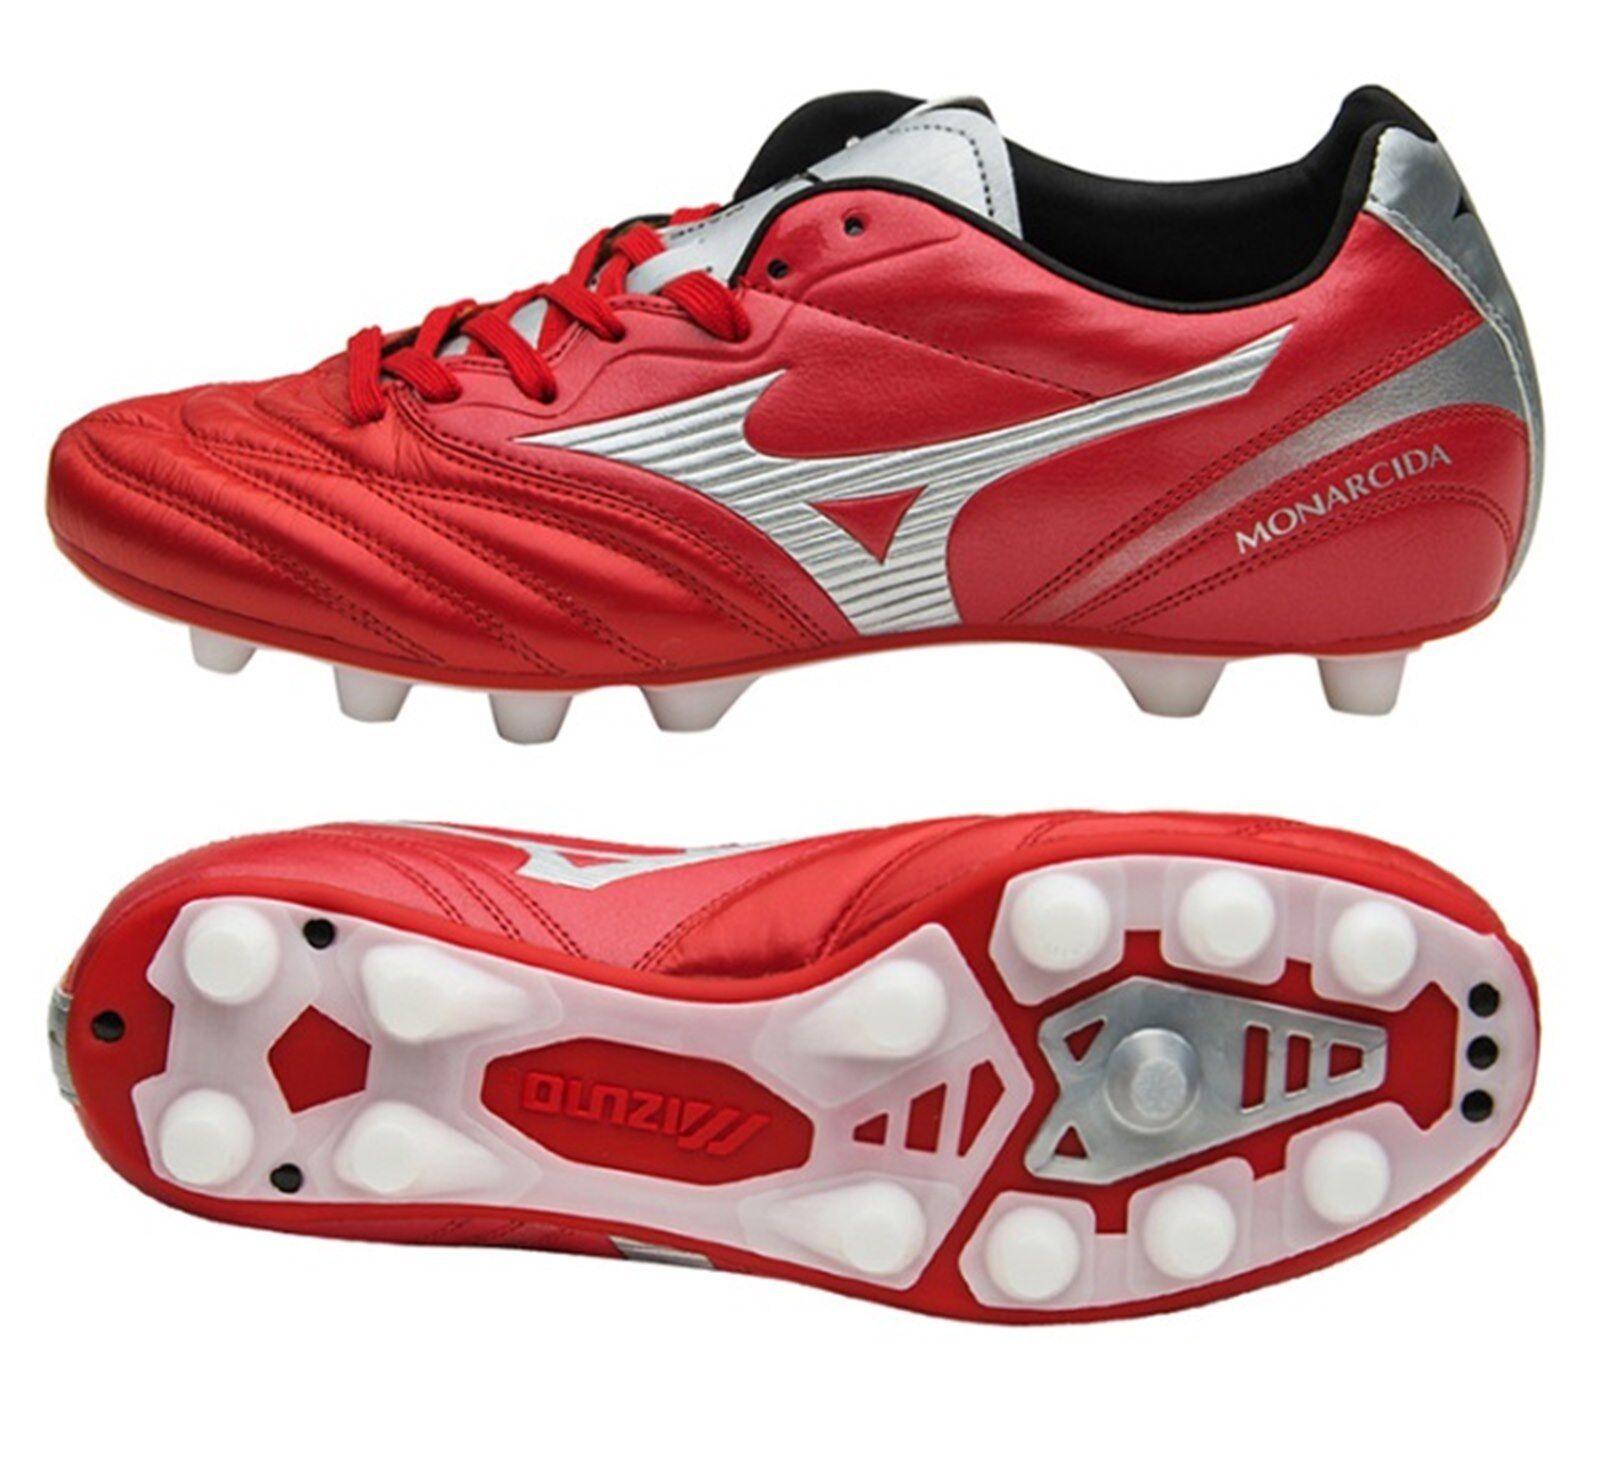 Mizuno Hombre monarcida 2 Japón Botines De Fútbol Rojo Fútbol Zapatos Spike P1GA182162